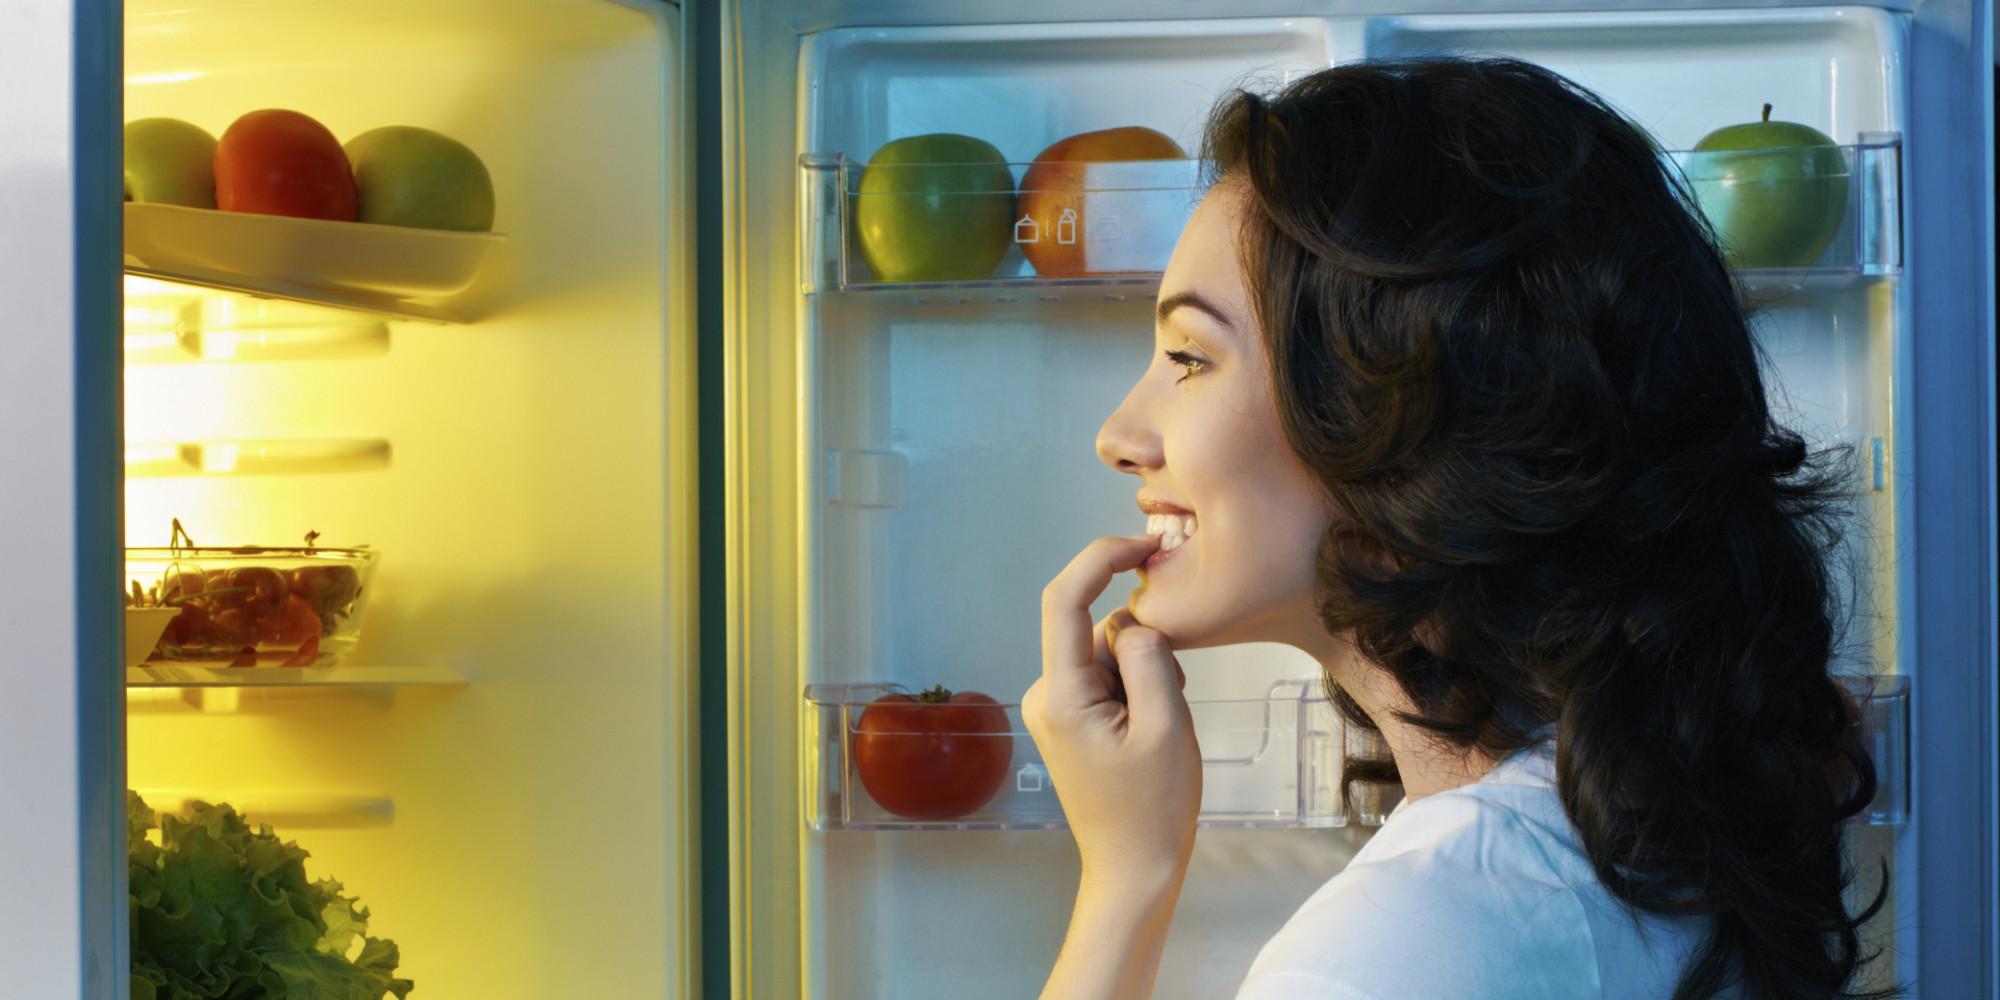 6 aliments que l'on ne doit pas conserver dans son frigo !